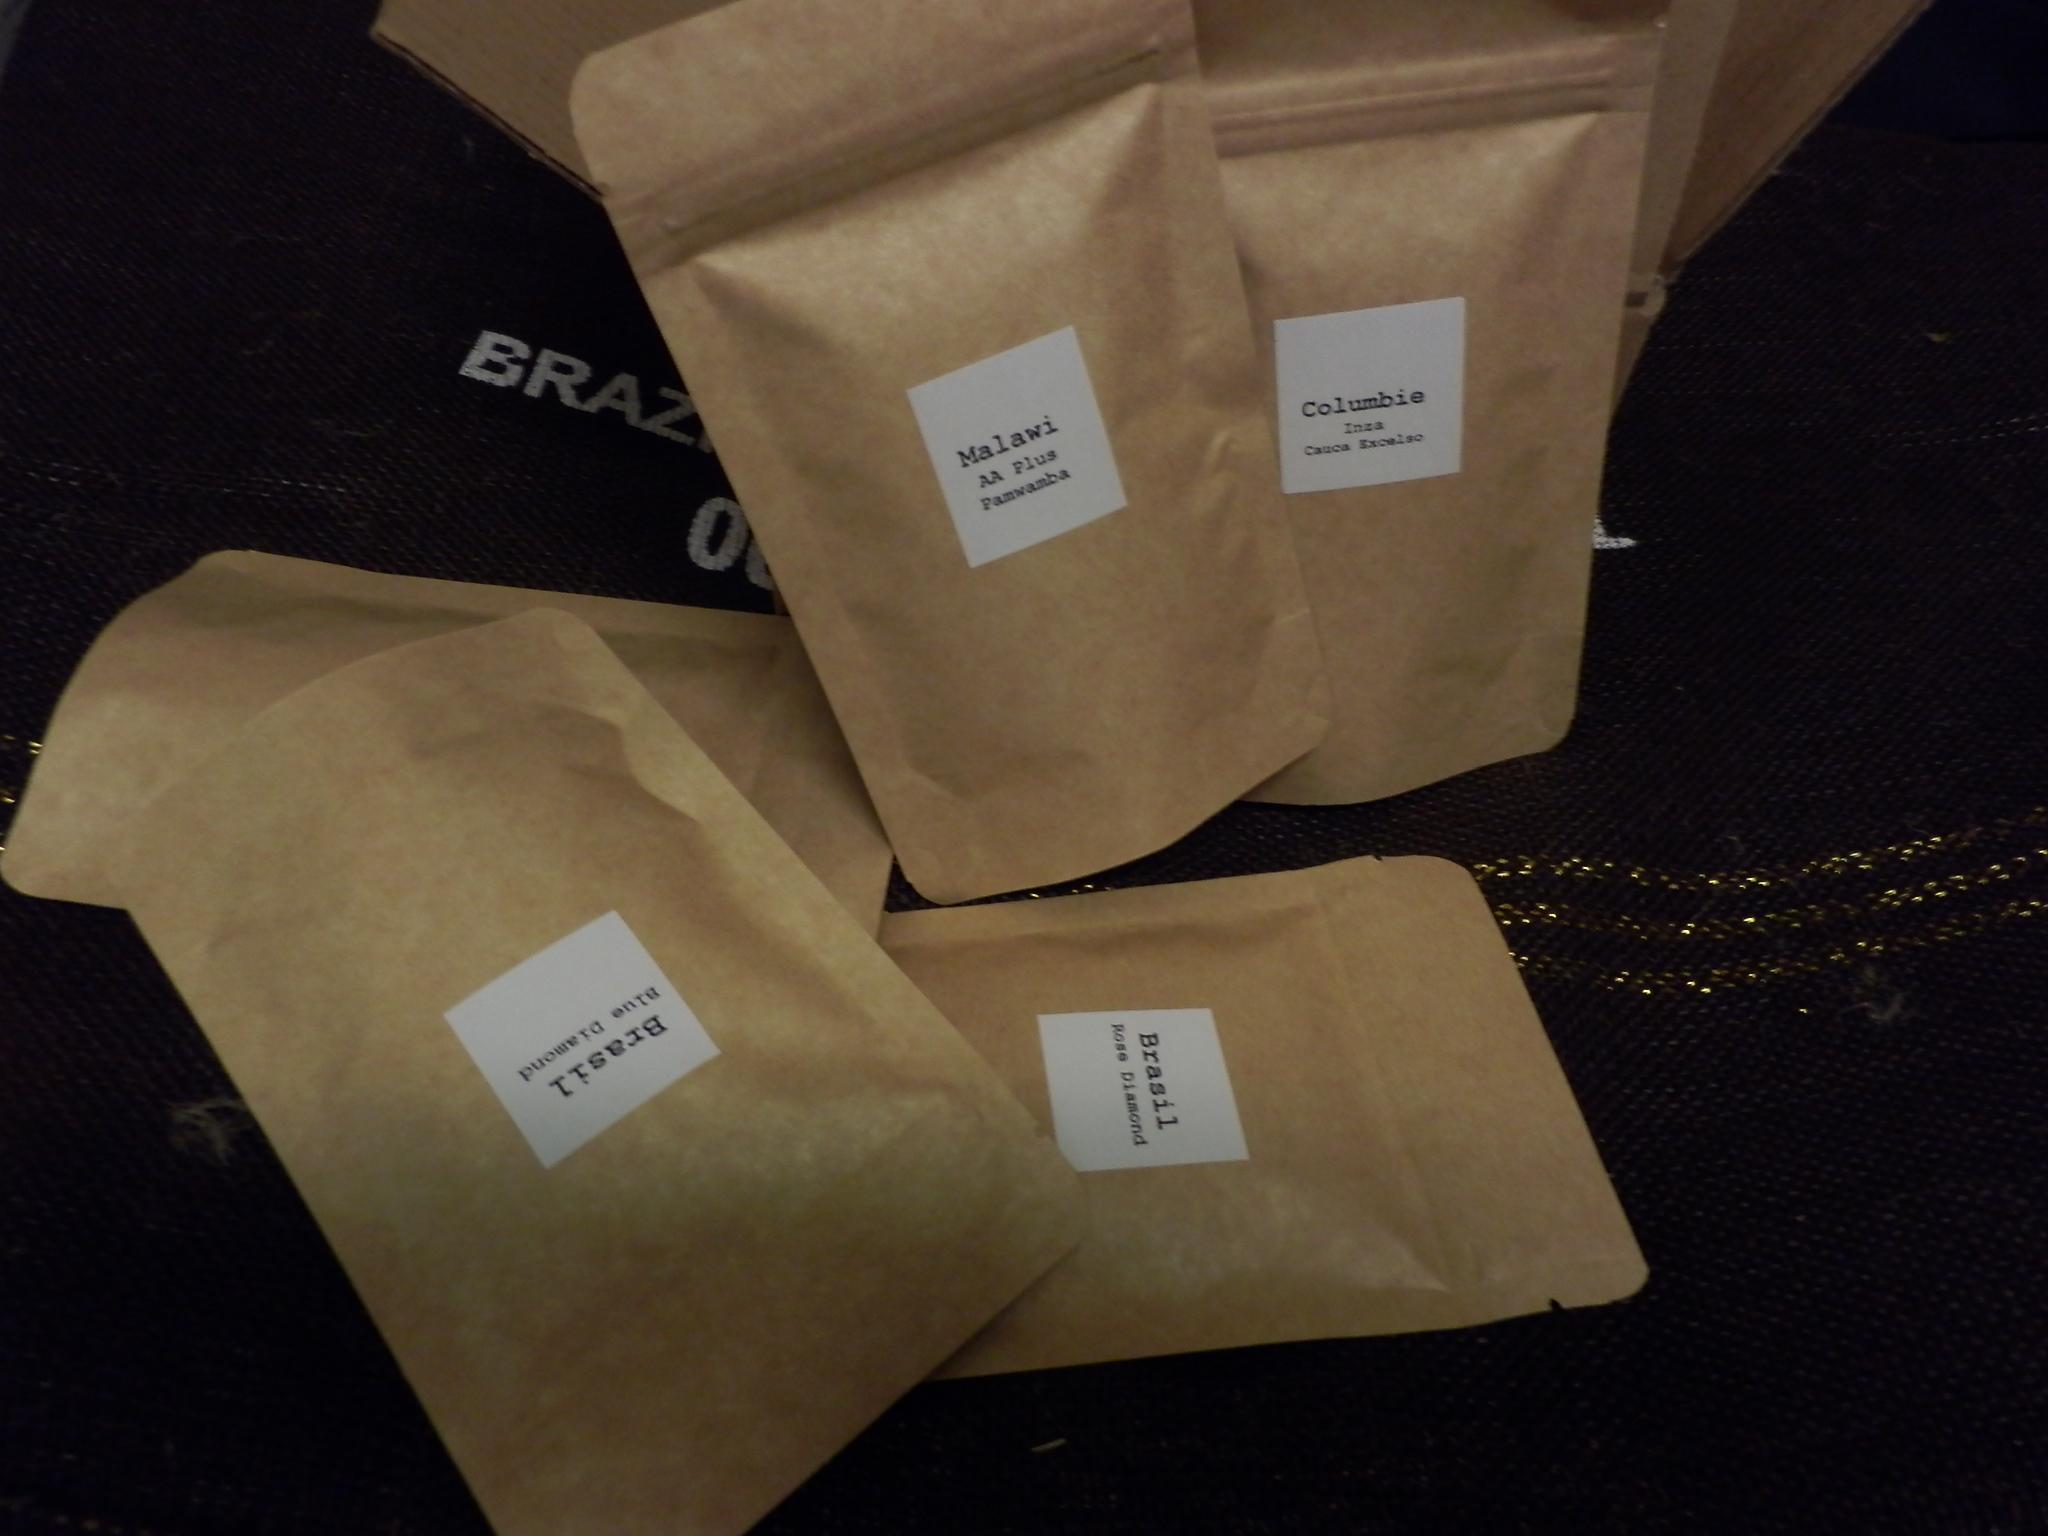 Coffeespot 2. Degustační balení kávy 5 x 50g ZRNO